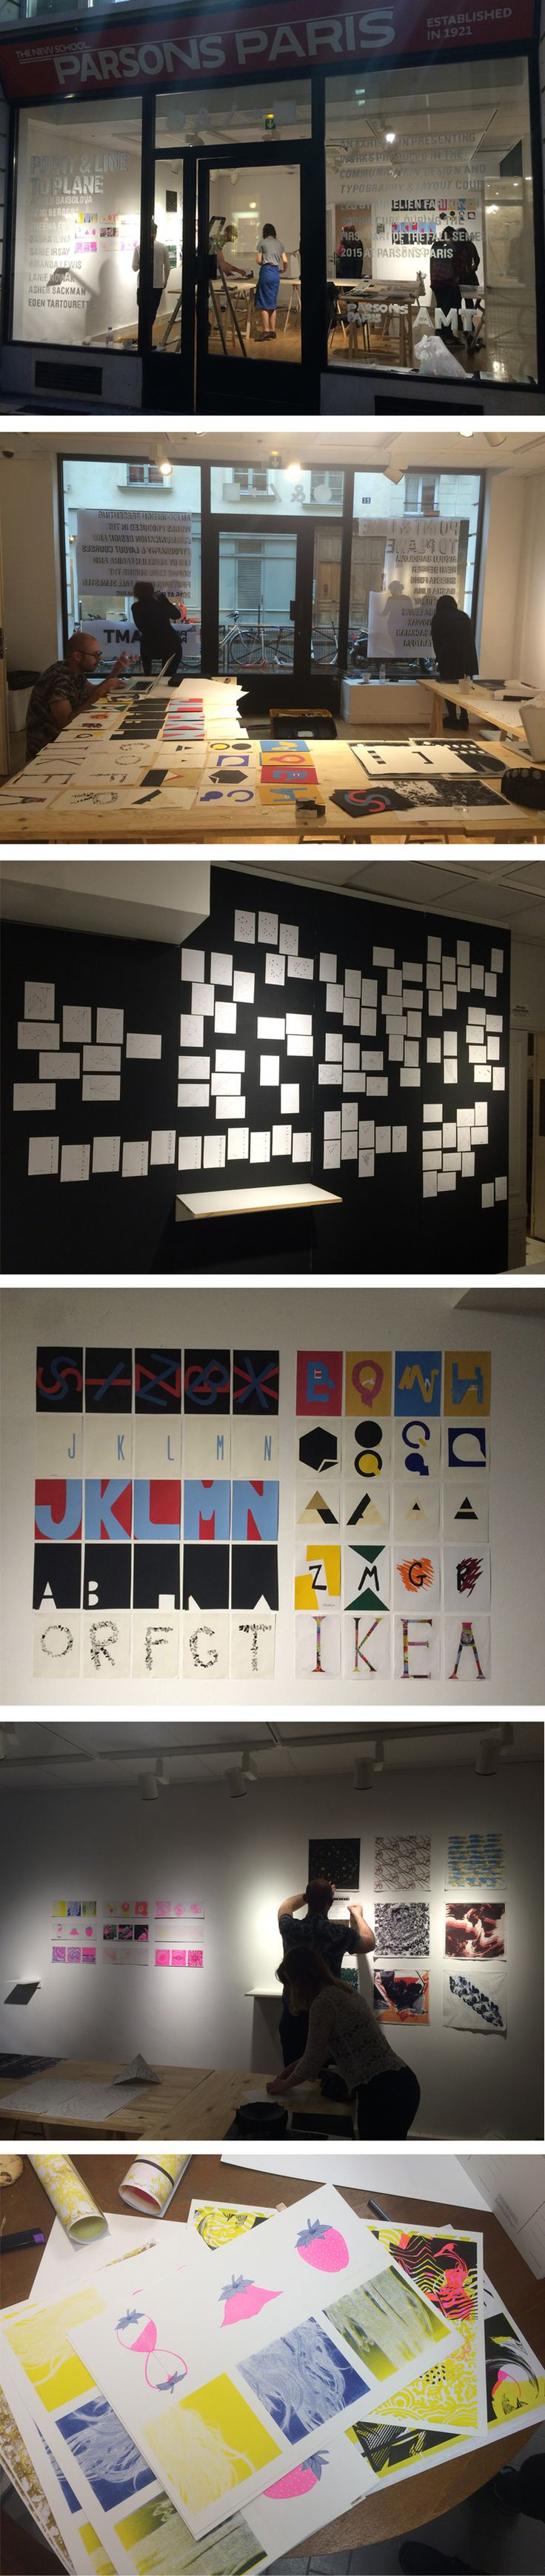 """Ontem, aqui em Paris, foi a abertura da exposição """"Point And Line To Plane""""  dos estudantes do curso de graduação em Arte, Mídia e Tecnologia da  Parsons The New School.  Fazendo uma menção ao livro homônimo, publicado por Kandinsky em 1926, a  exposição apresentou os trabalhos feitos"""